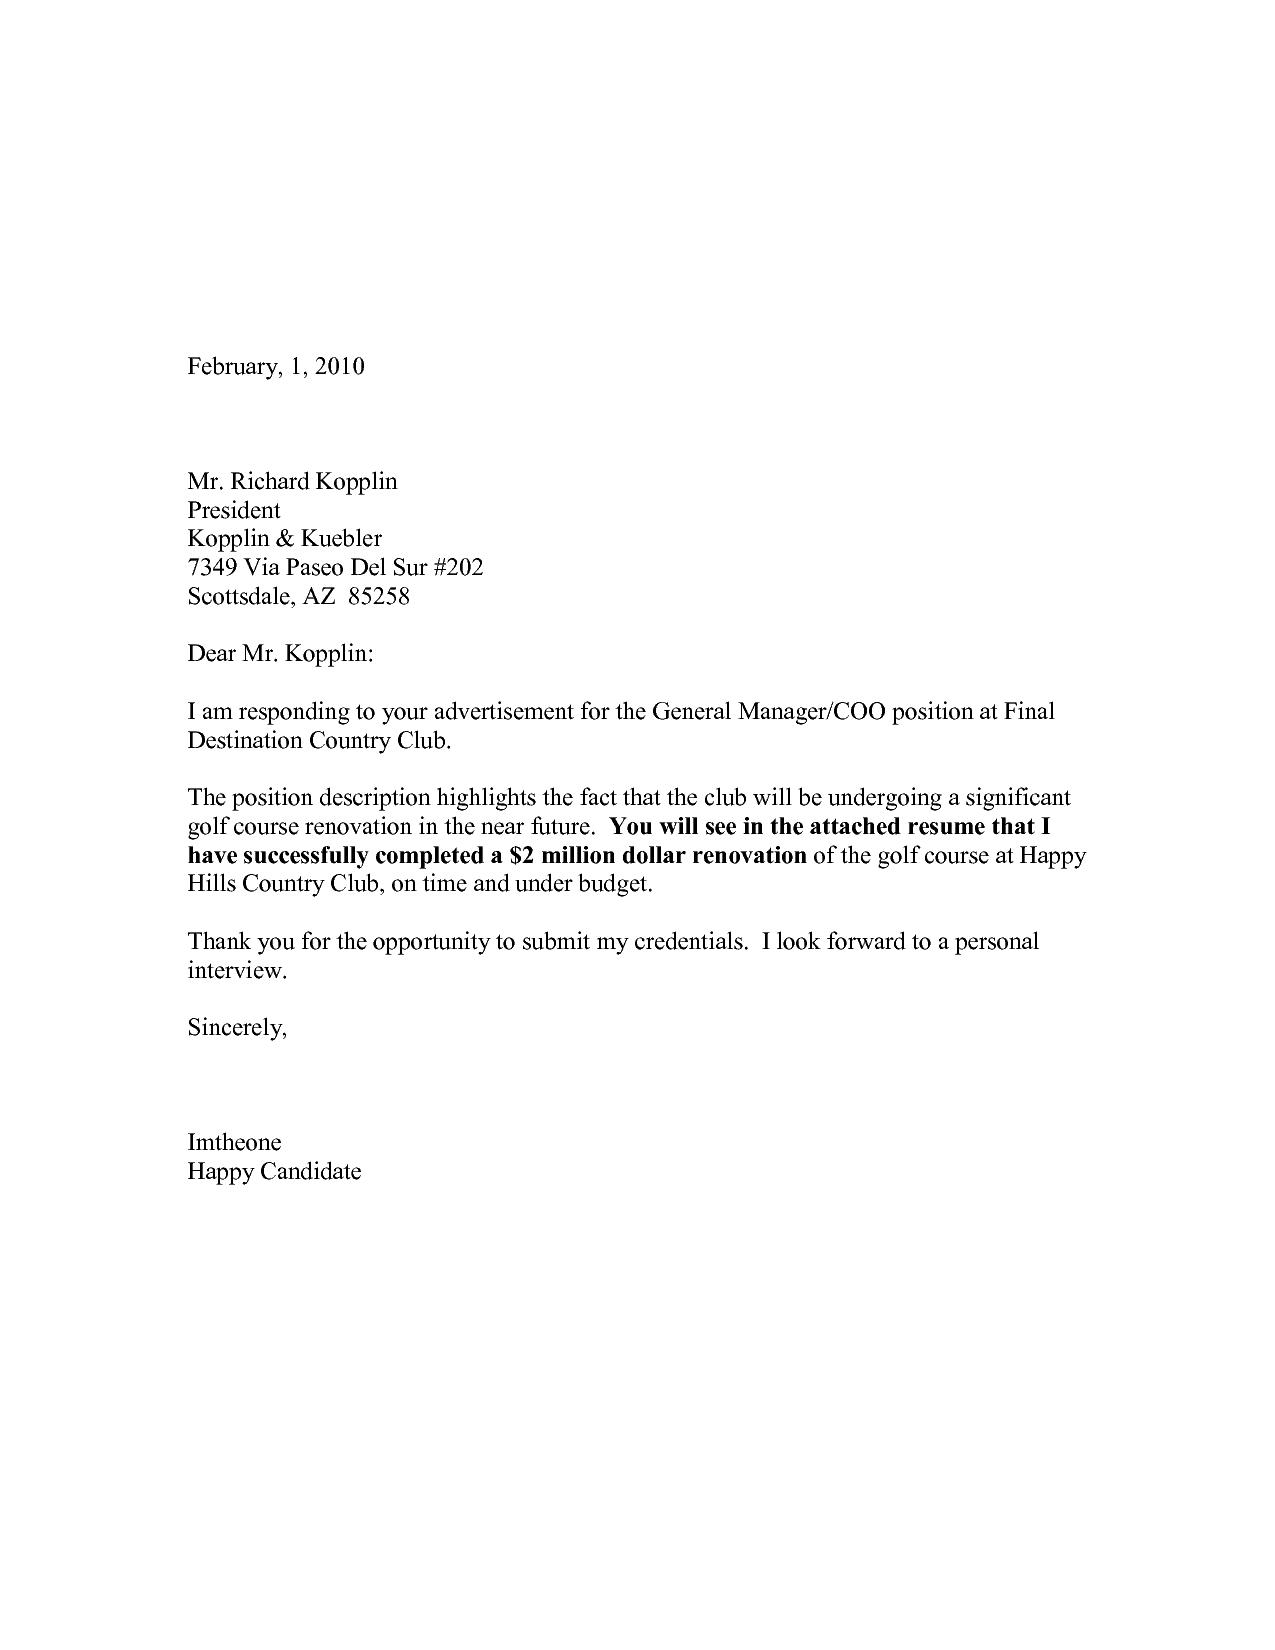 Blind resume cover letter sample